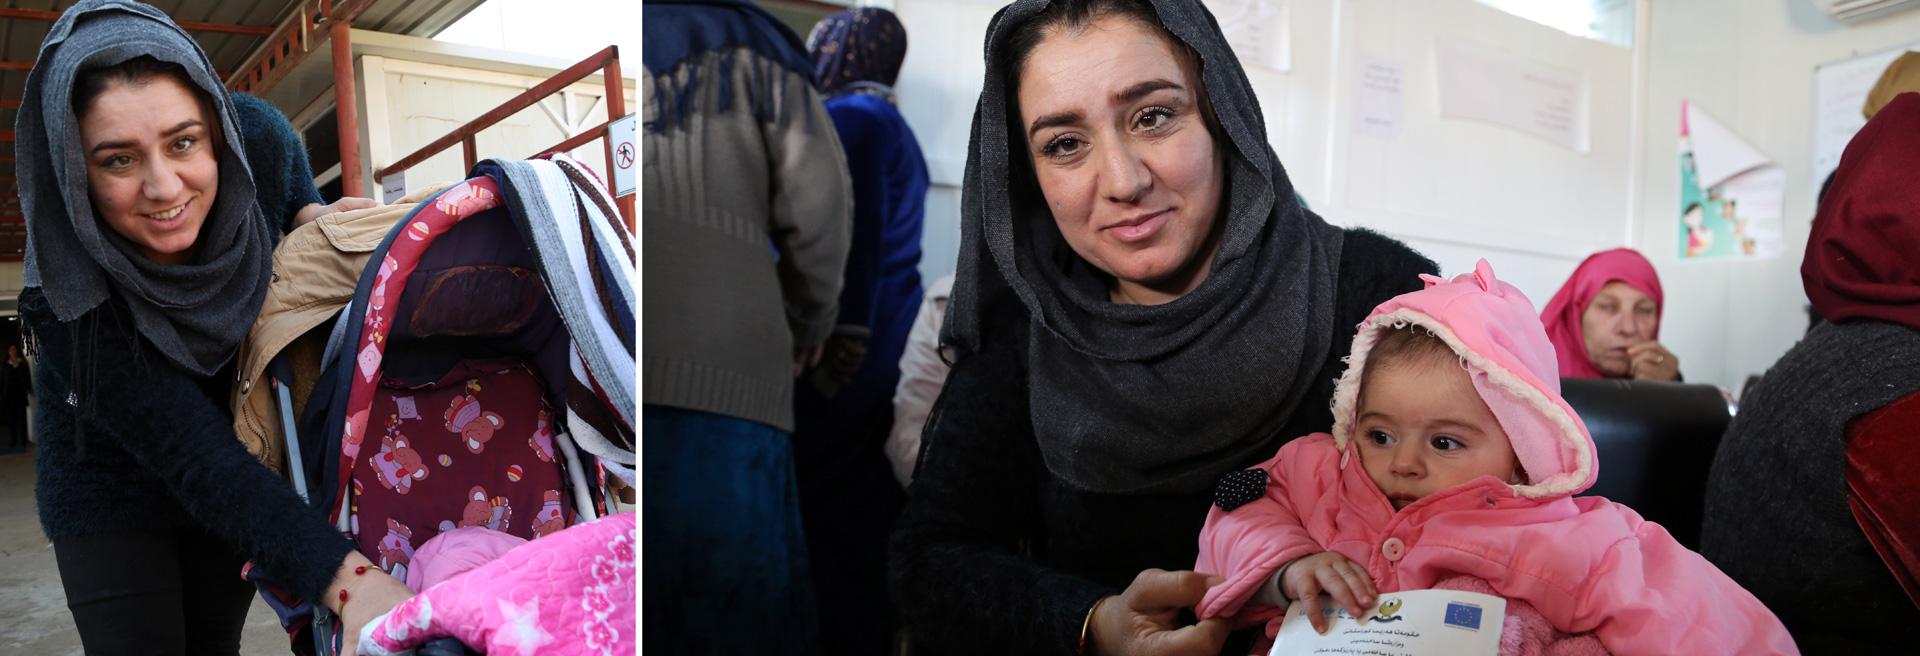 Fotocollage: Junge Syrerin am Kinderwagen und mit ihrer Tochter